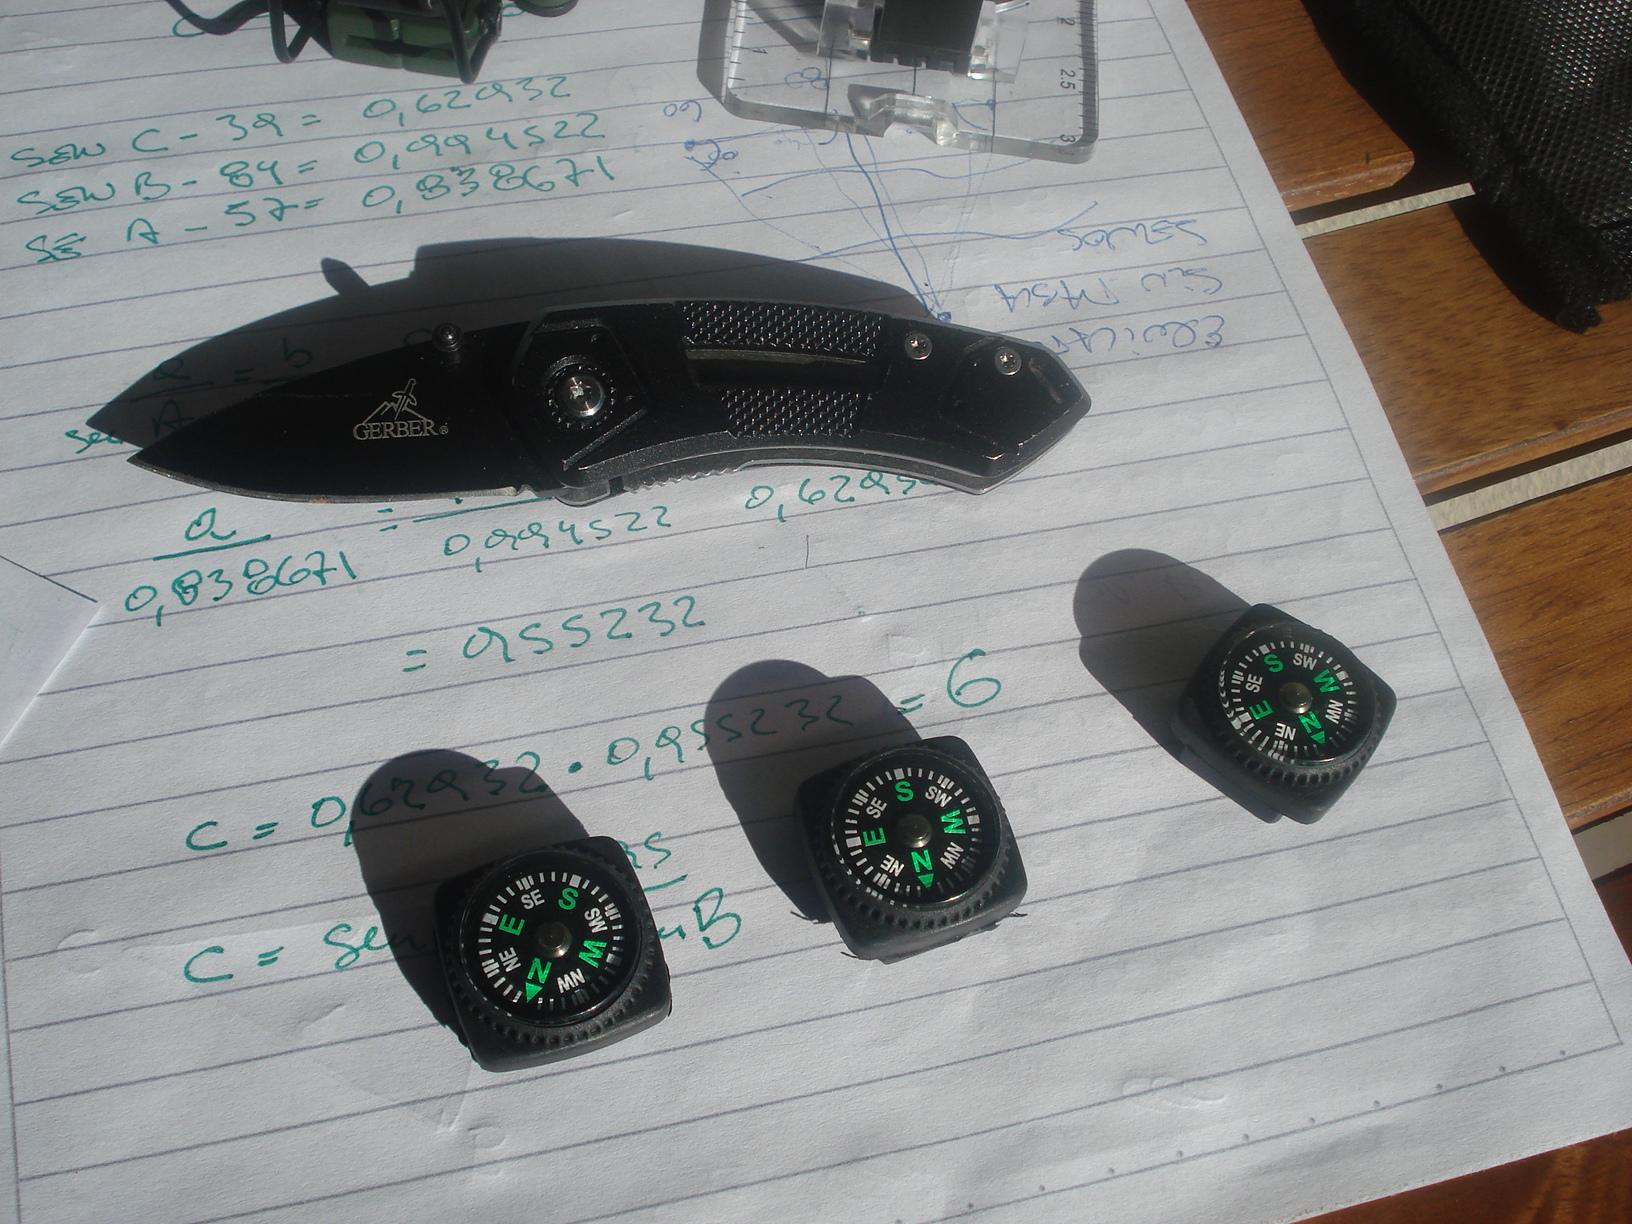 Un pequeño kit de brújulas, protractors (compases) y reglas de escala... y algo más. DSC00445